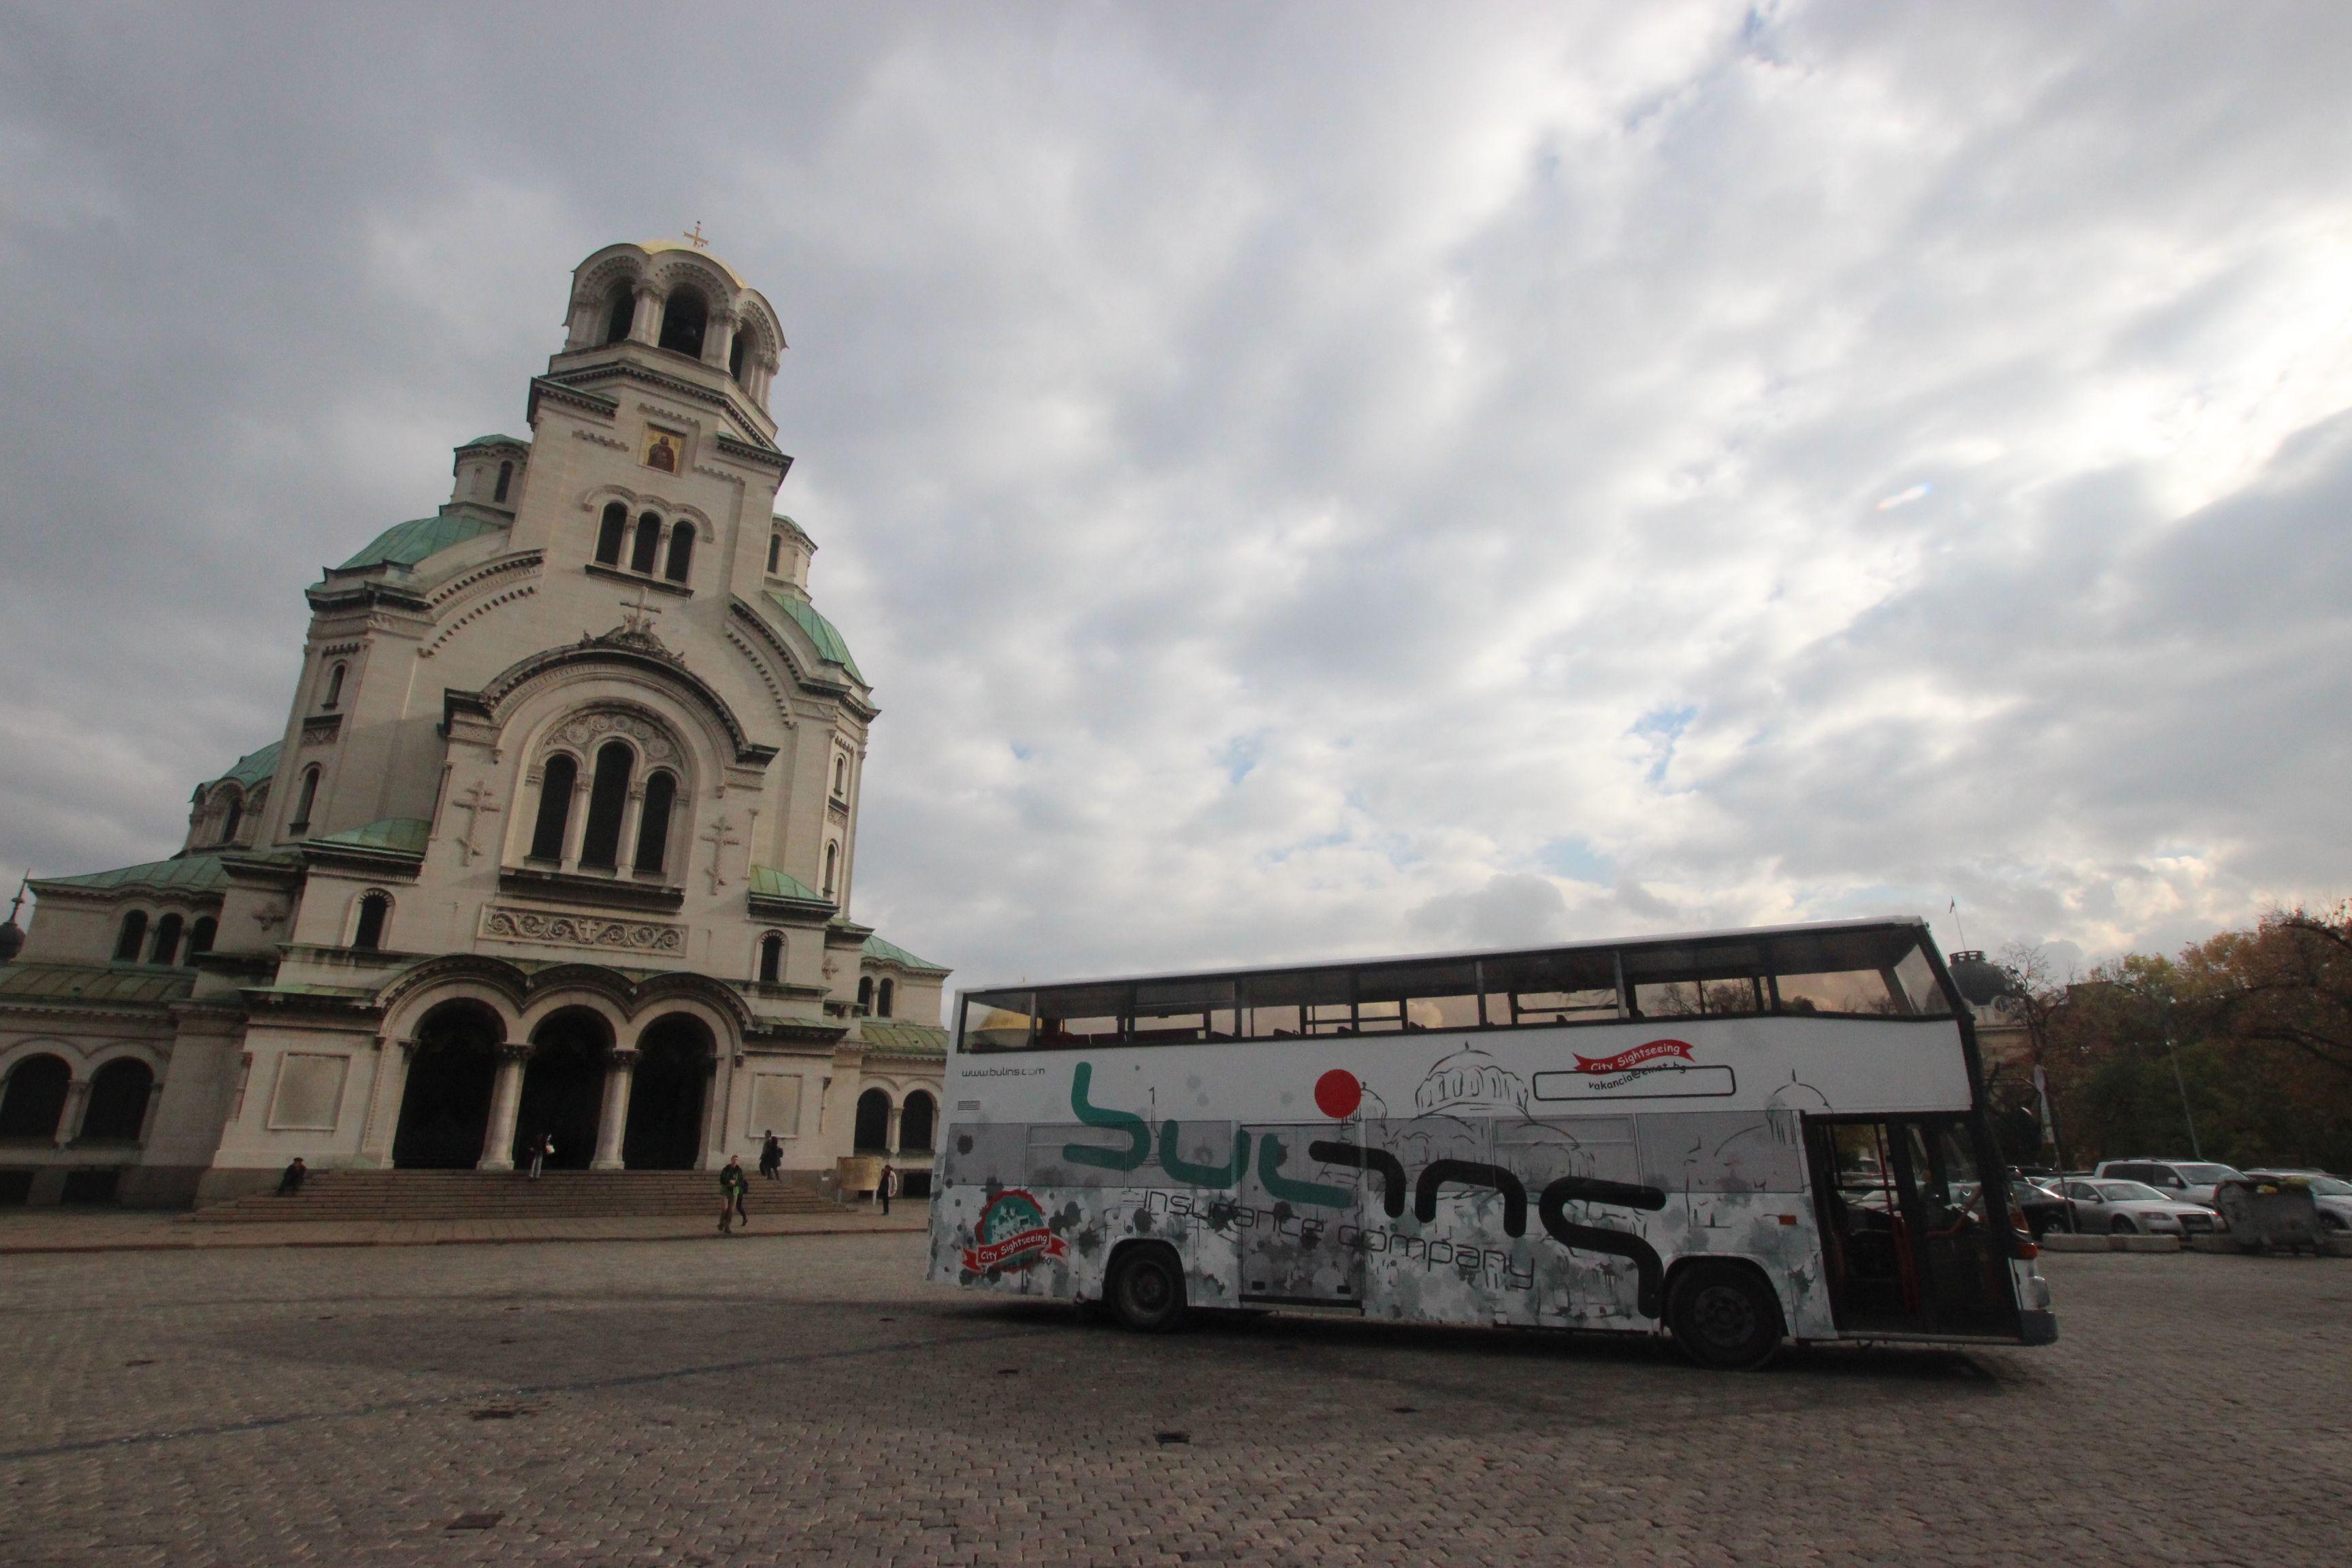 City Tour Of Sofia By Bus